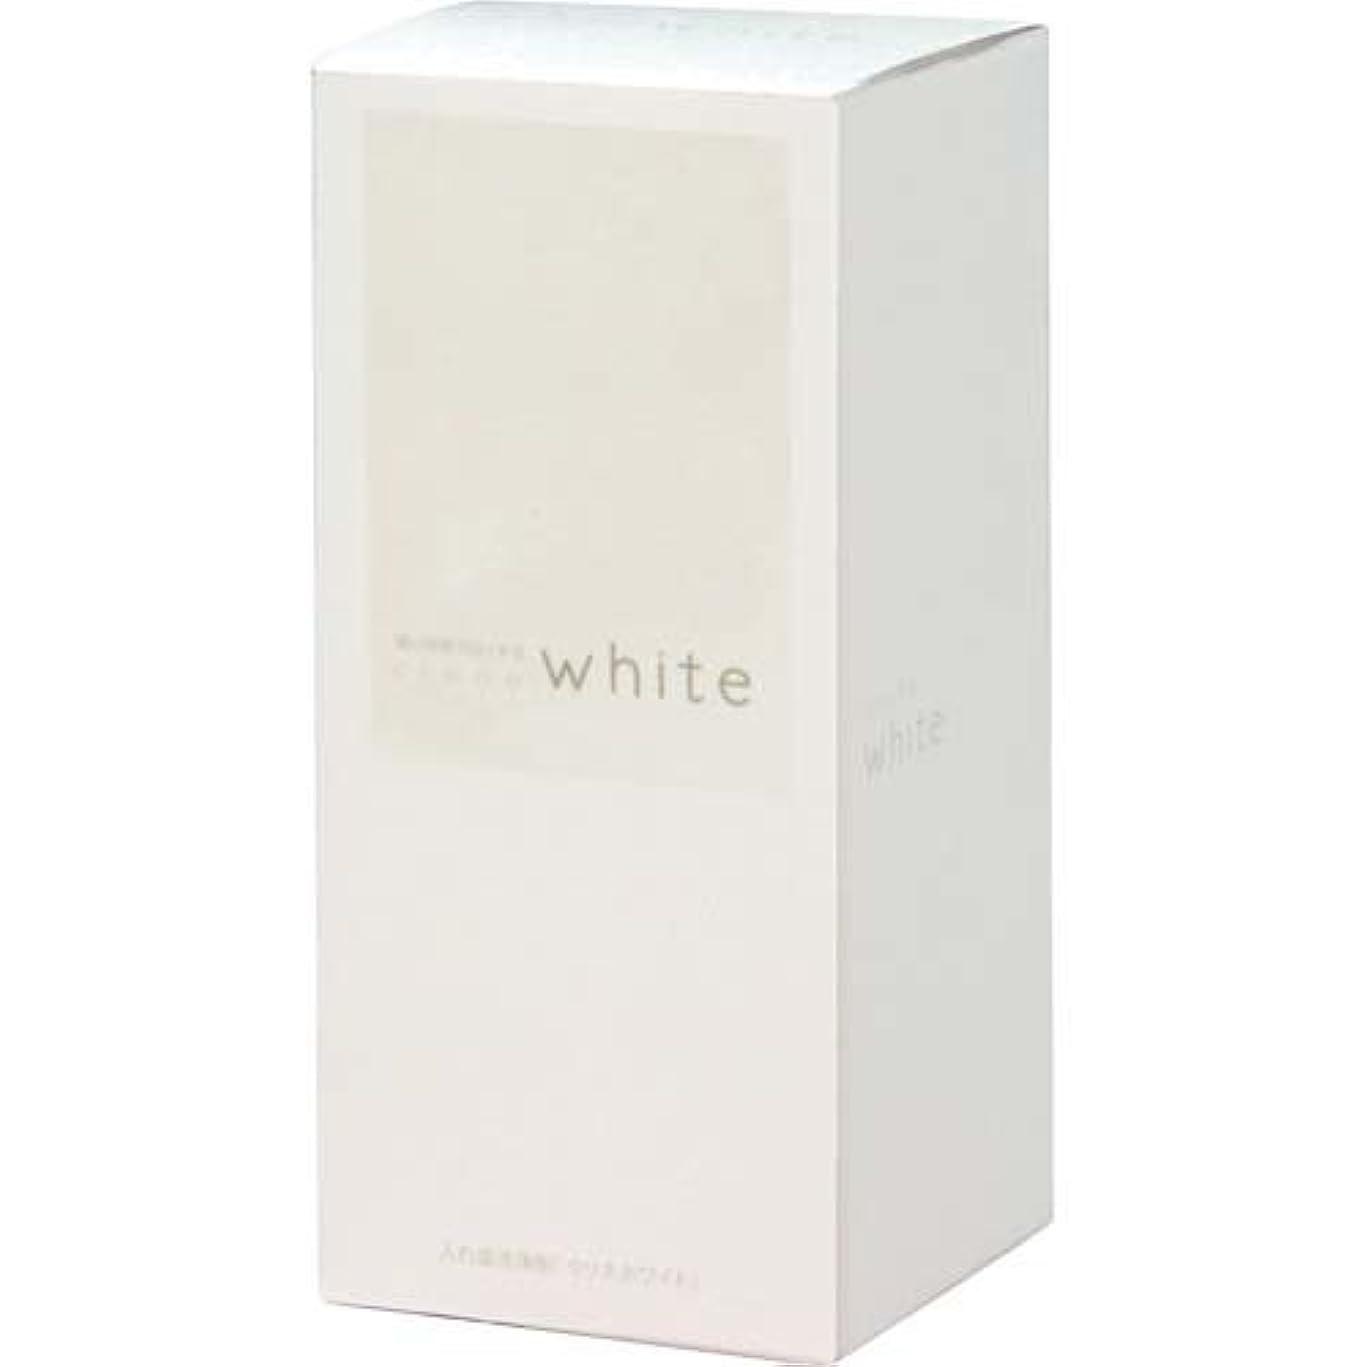 宿命請う任意短い時間で白くする 強力入れ歯洗浄剤 クリネホワイト